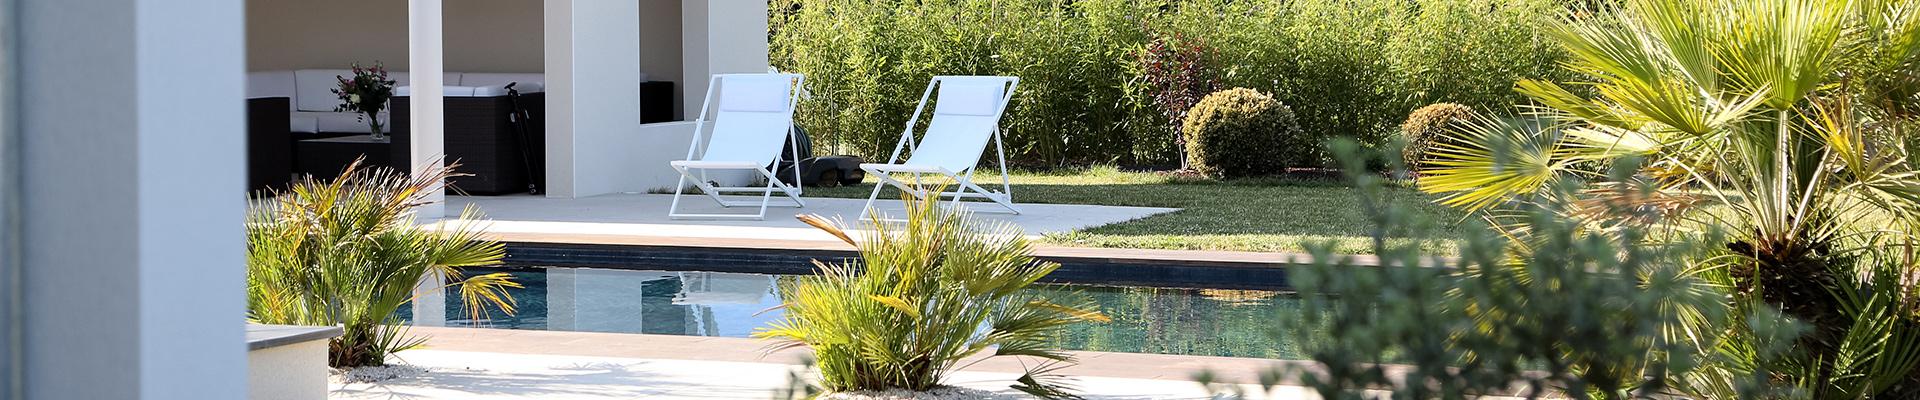 Serrault Jardins, réalise votre terrasse, vos allées et accès, votre portail et clôture.